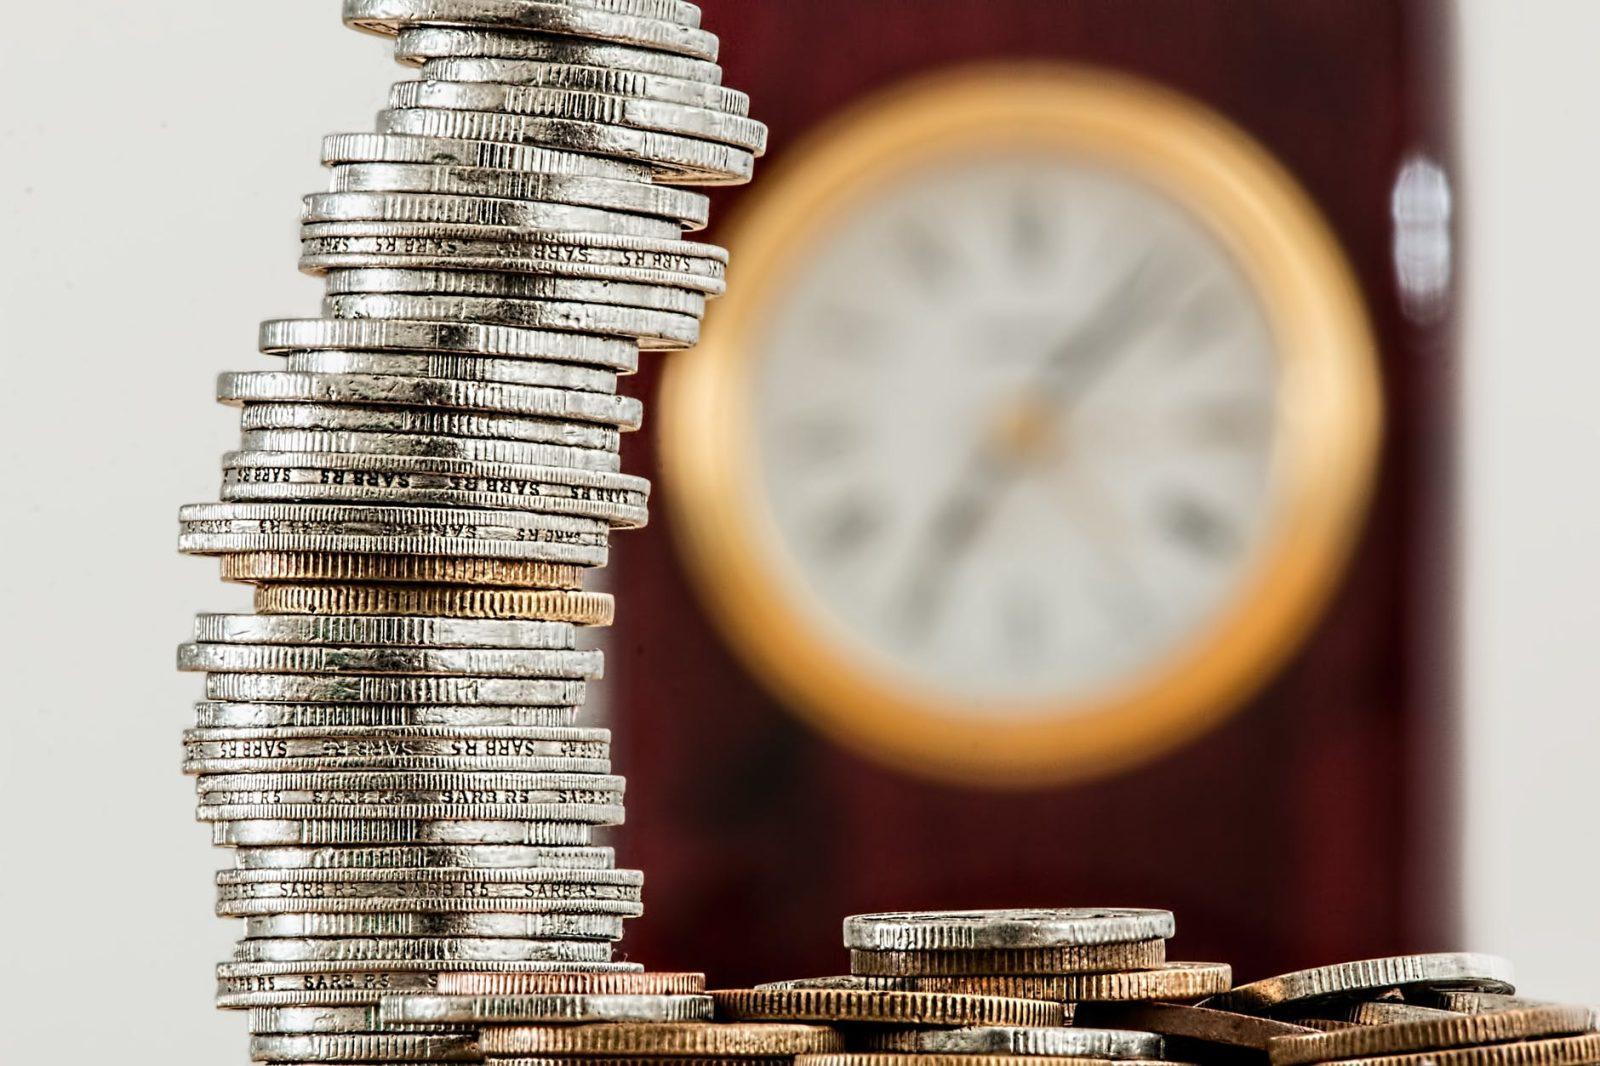 איך להרוויח יותר ולמה זמן שווה כסף? לחשוב כמו עשיר